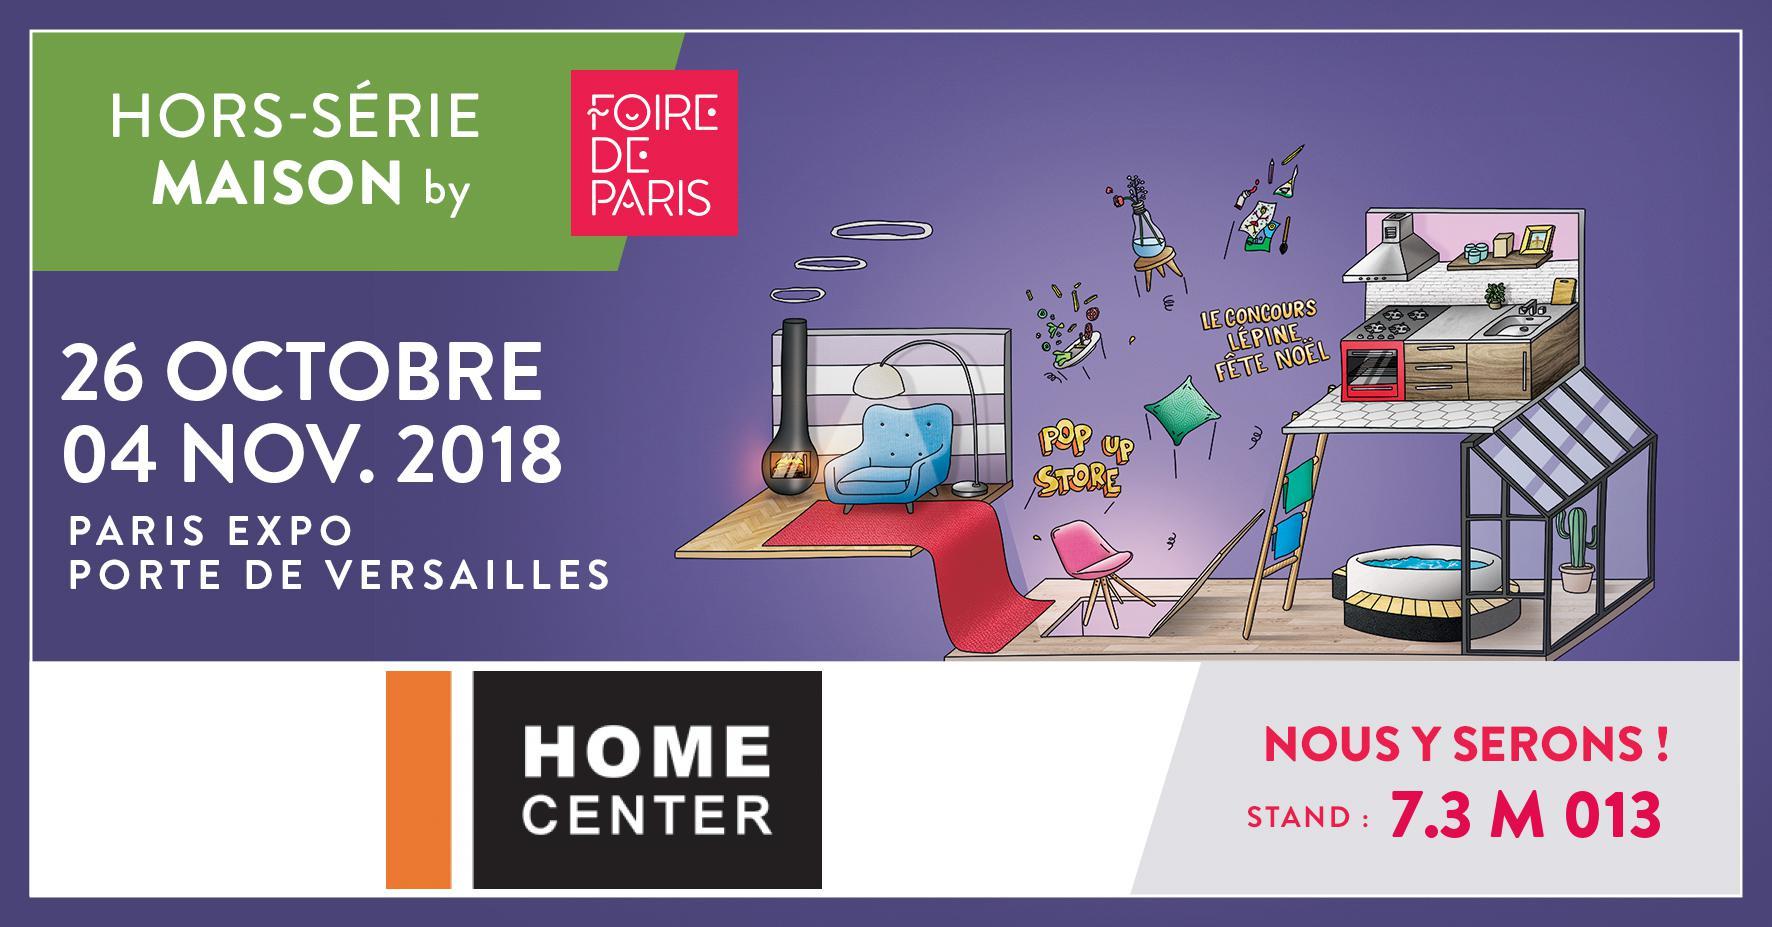 home center à la foire de paris : hors-série maison 2017